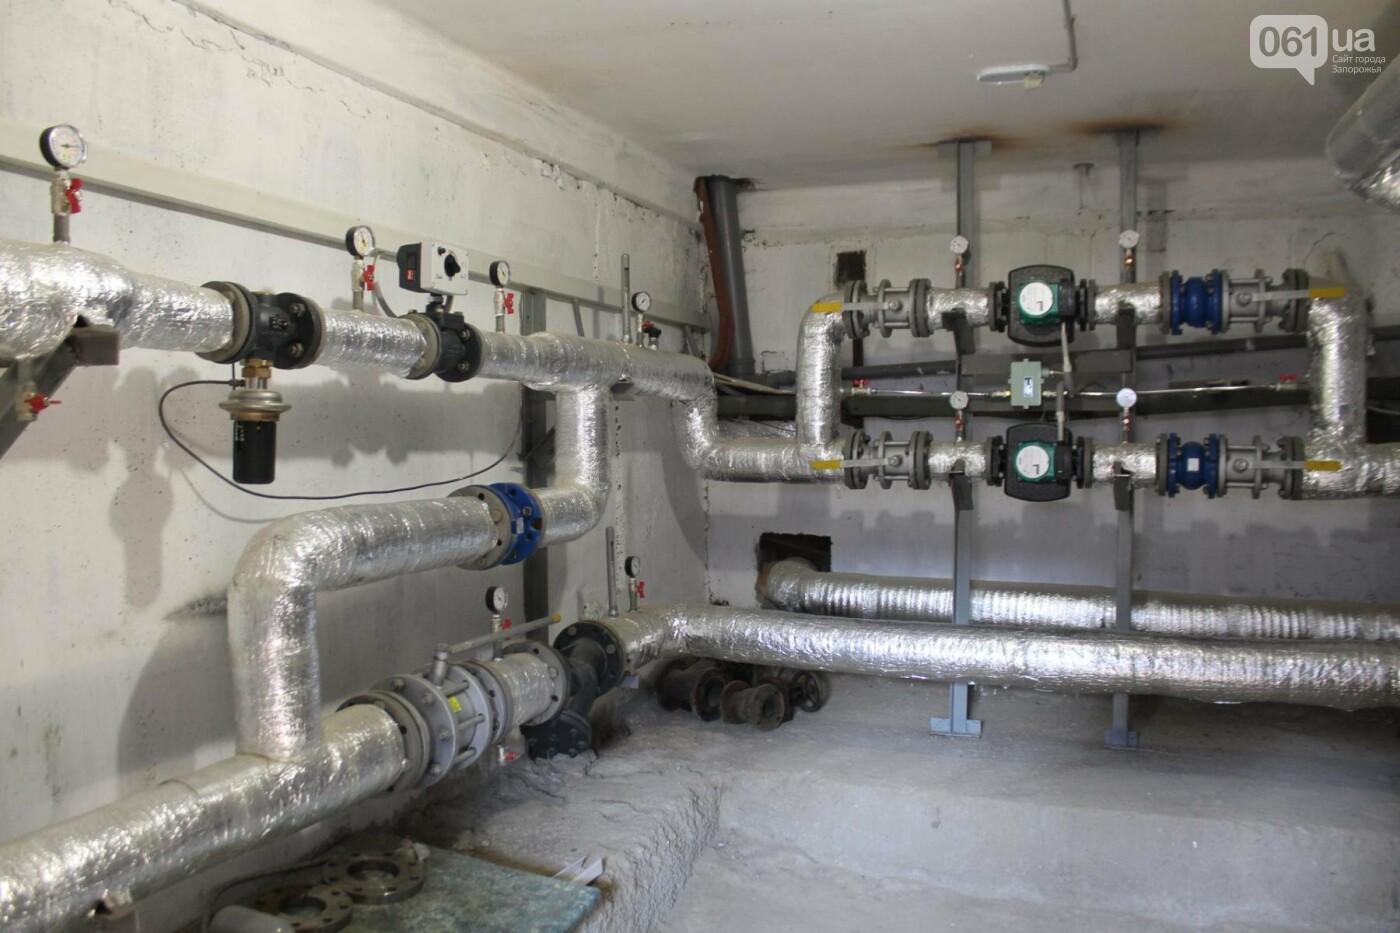 Сам себе хозяин: как запорожские ОСМД занимаются энергосбережением и значительно экономят на тарифах, — ФОТО, фото-4